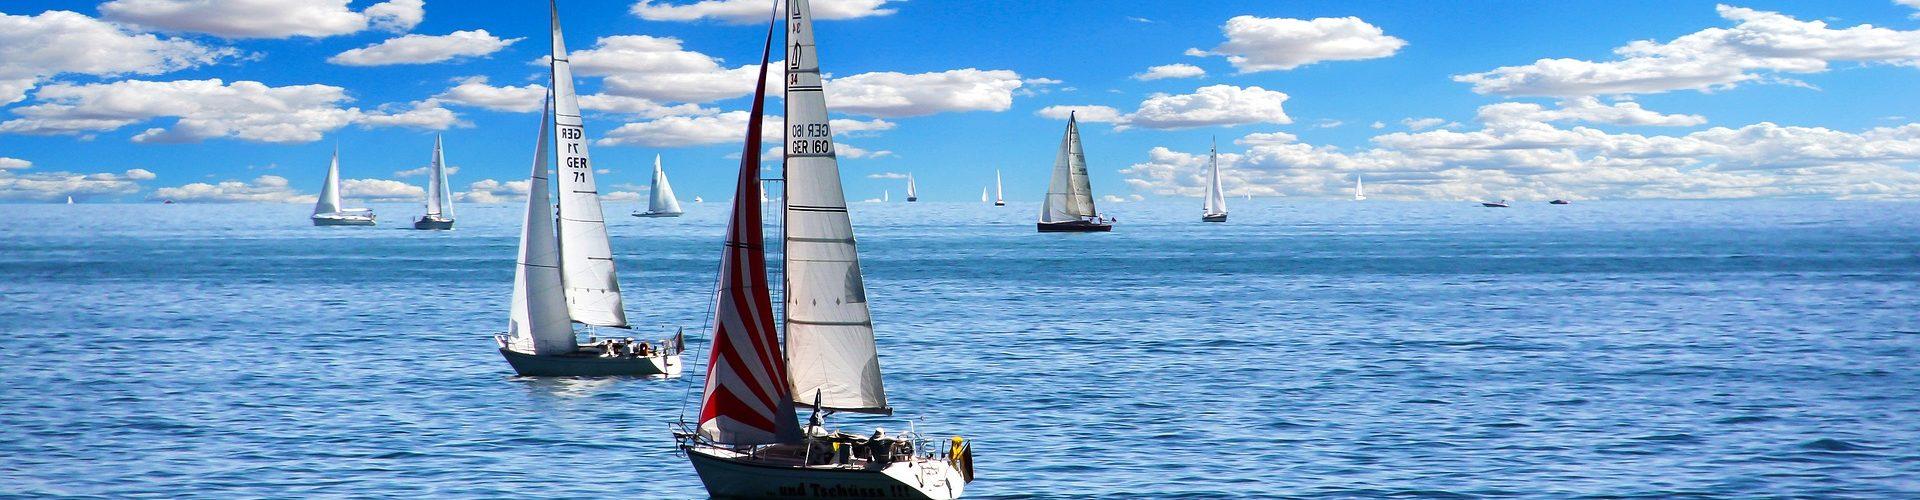 segeln lernen in Alsdorf segelschein machen in Alsdorf 1920x500 - Segeln lernen in Alsdorf